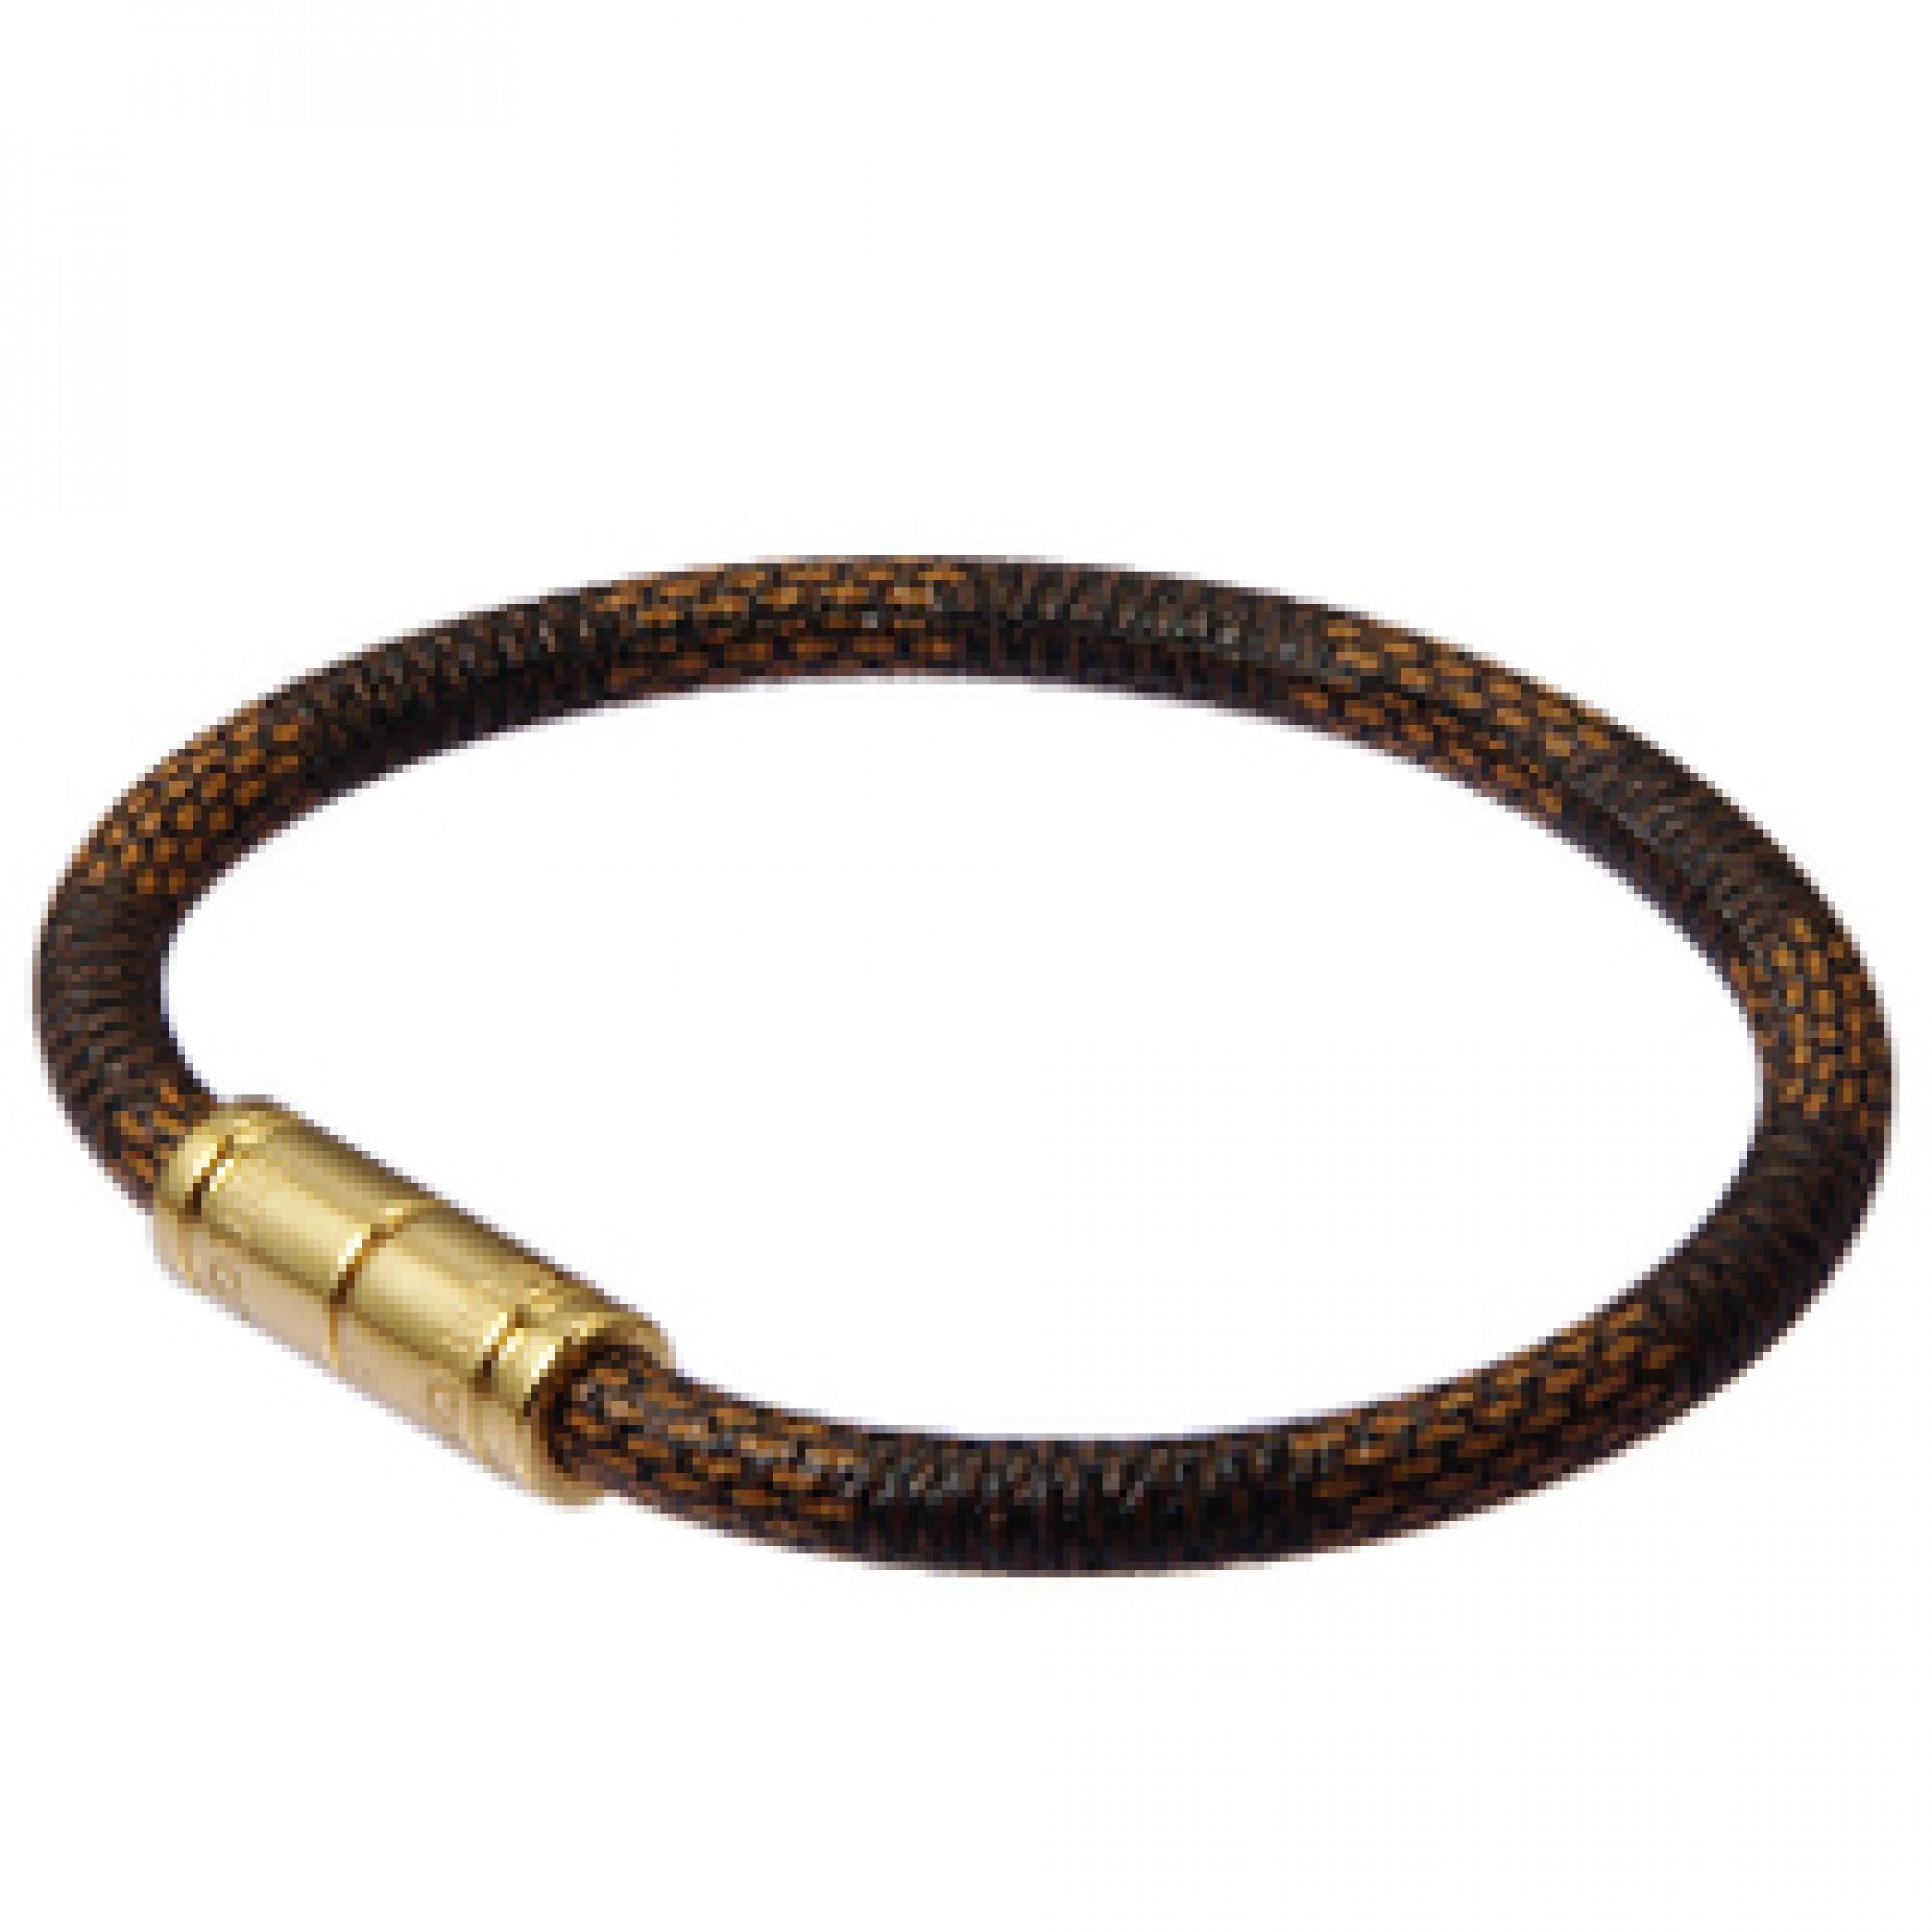 602cad99210 Купить классический браслет Louis Vuitton — в Киеве, код товара 17298